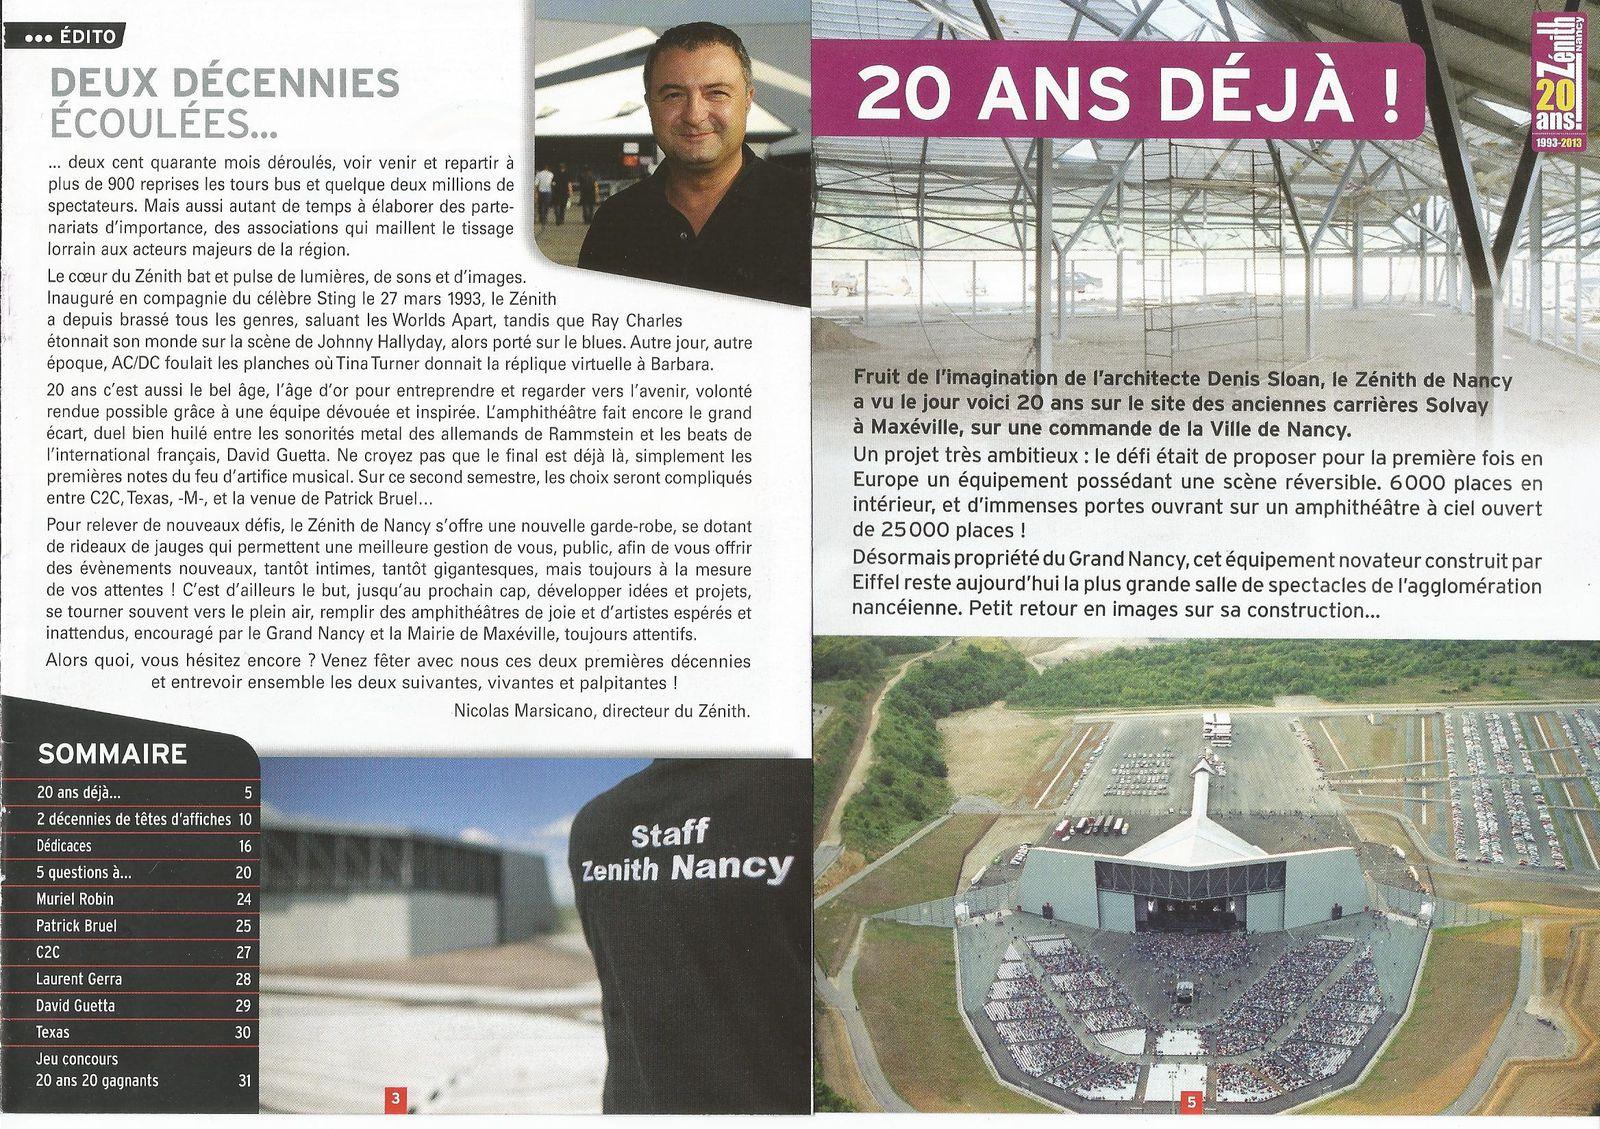 Ce samedi 29 juin 2013, à 20h30, dans l'amphithéâtre, en plein air, David Guetta, disc-jockey international...